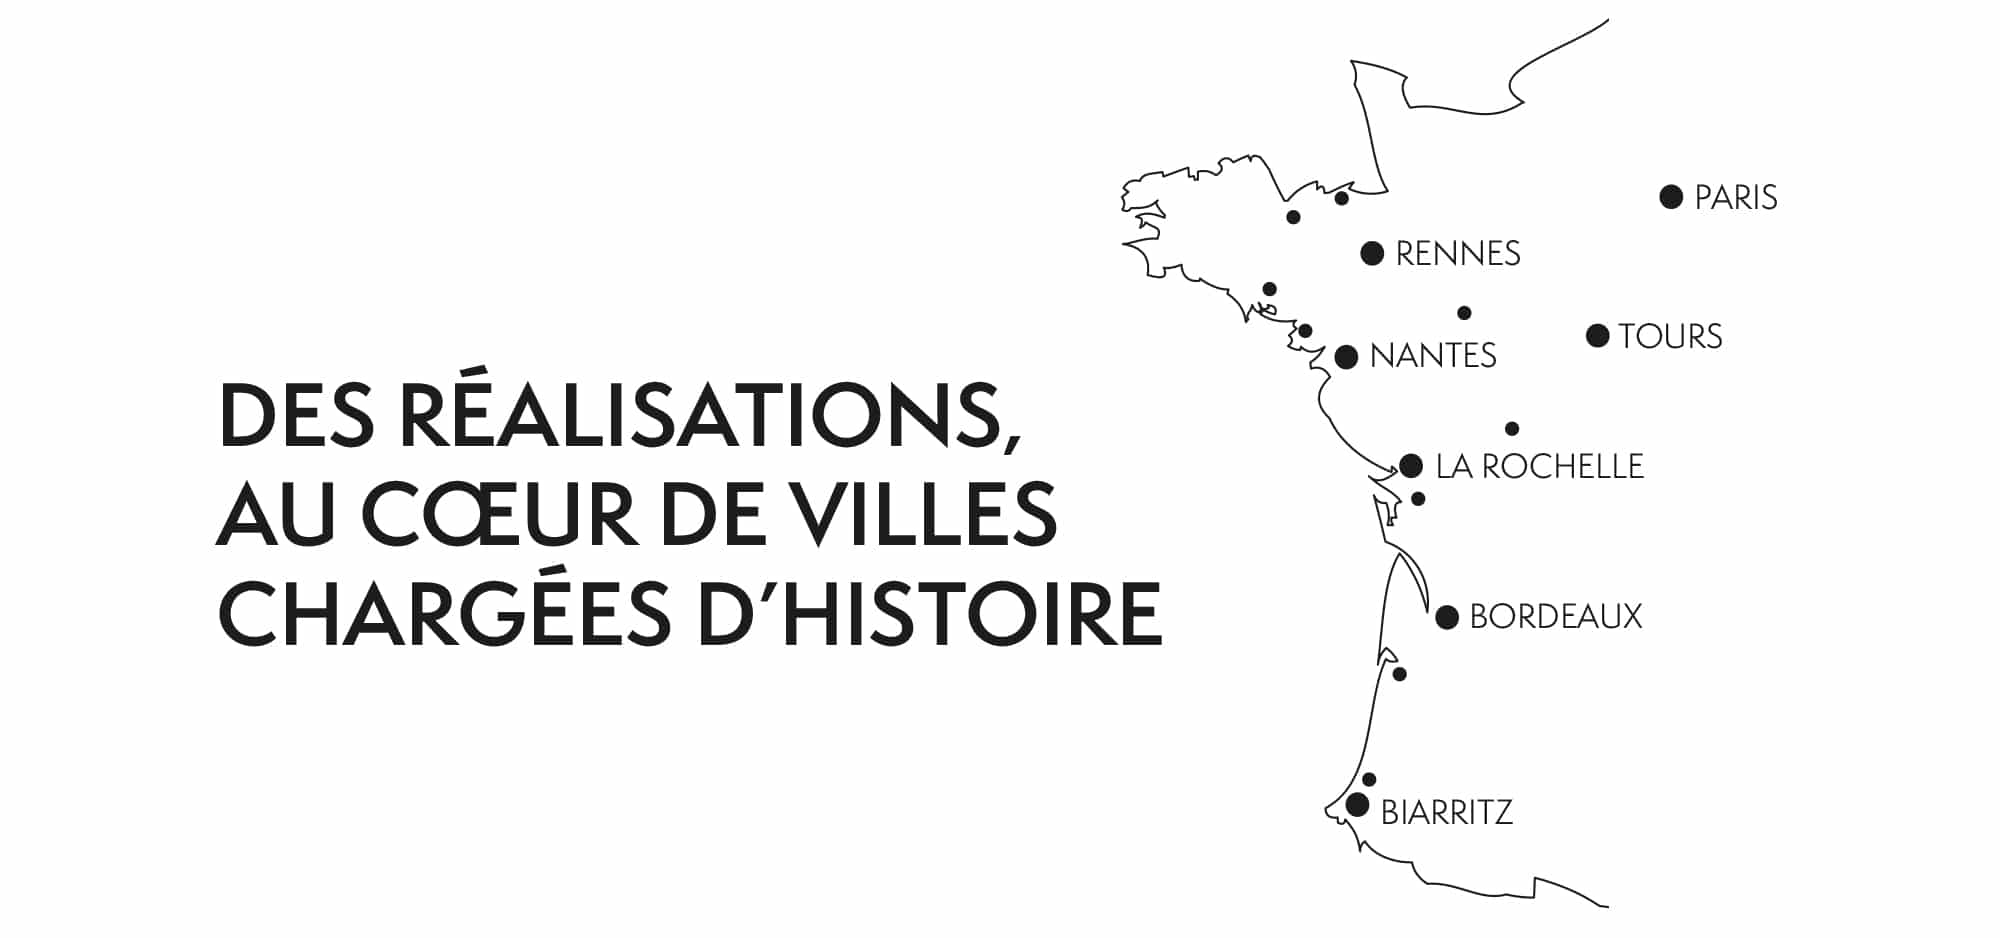 Espace Investissement Investissement Immobilier Et Patrimoine A Bordeaux Nantes La Rochelle